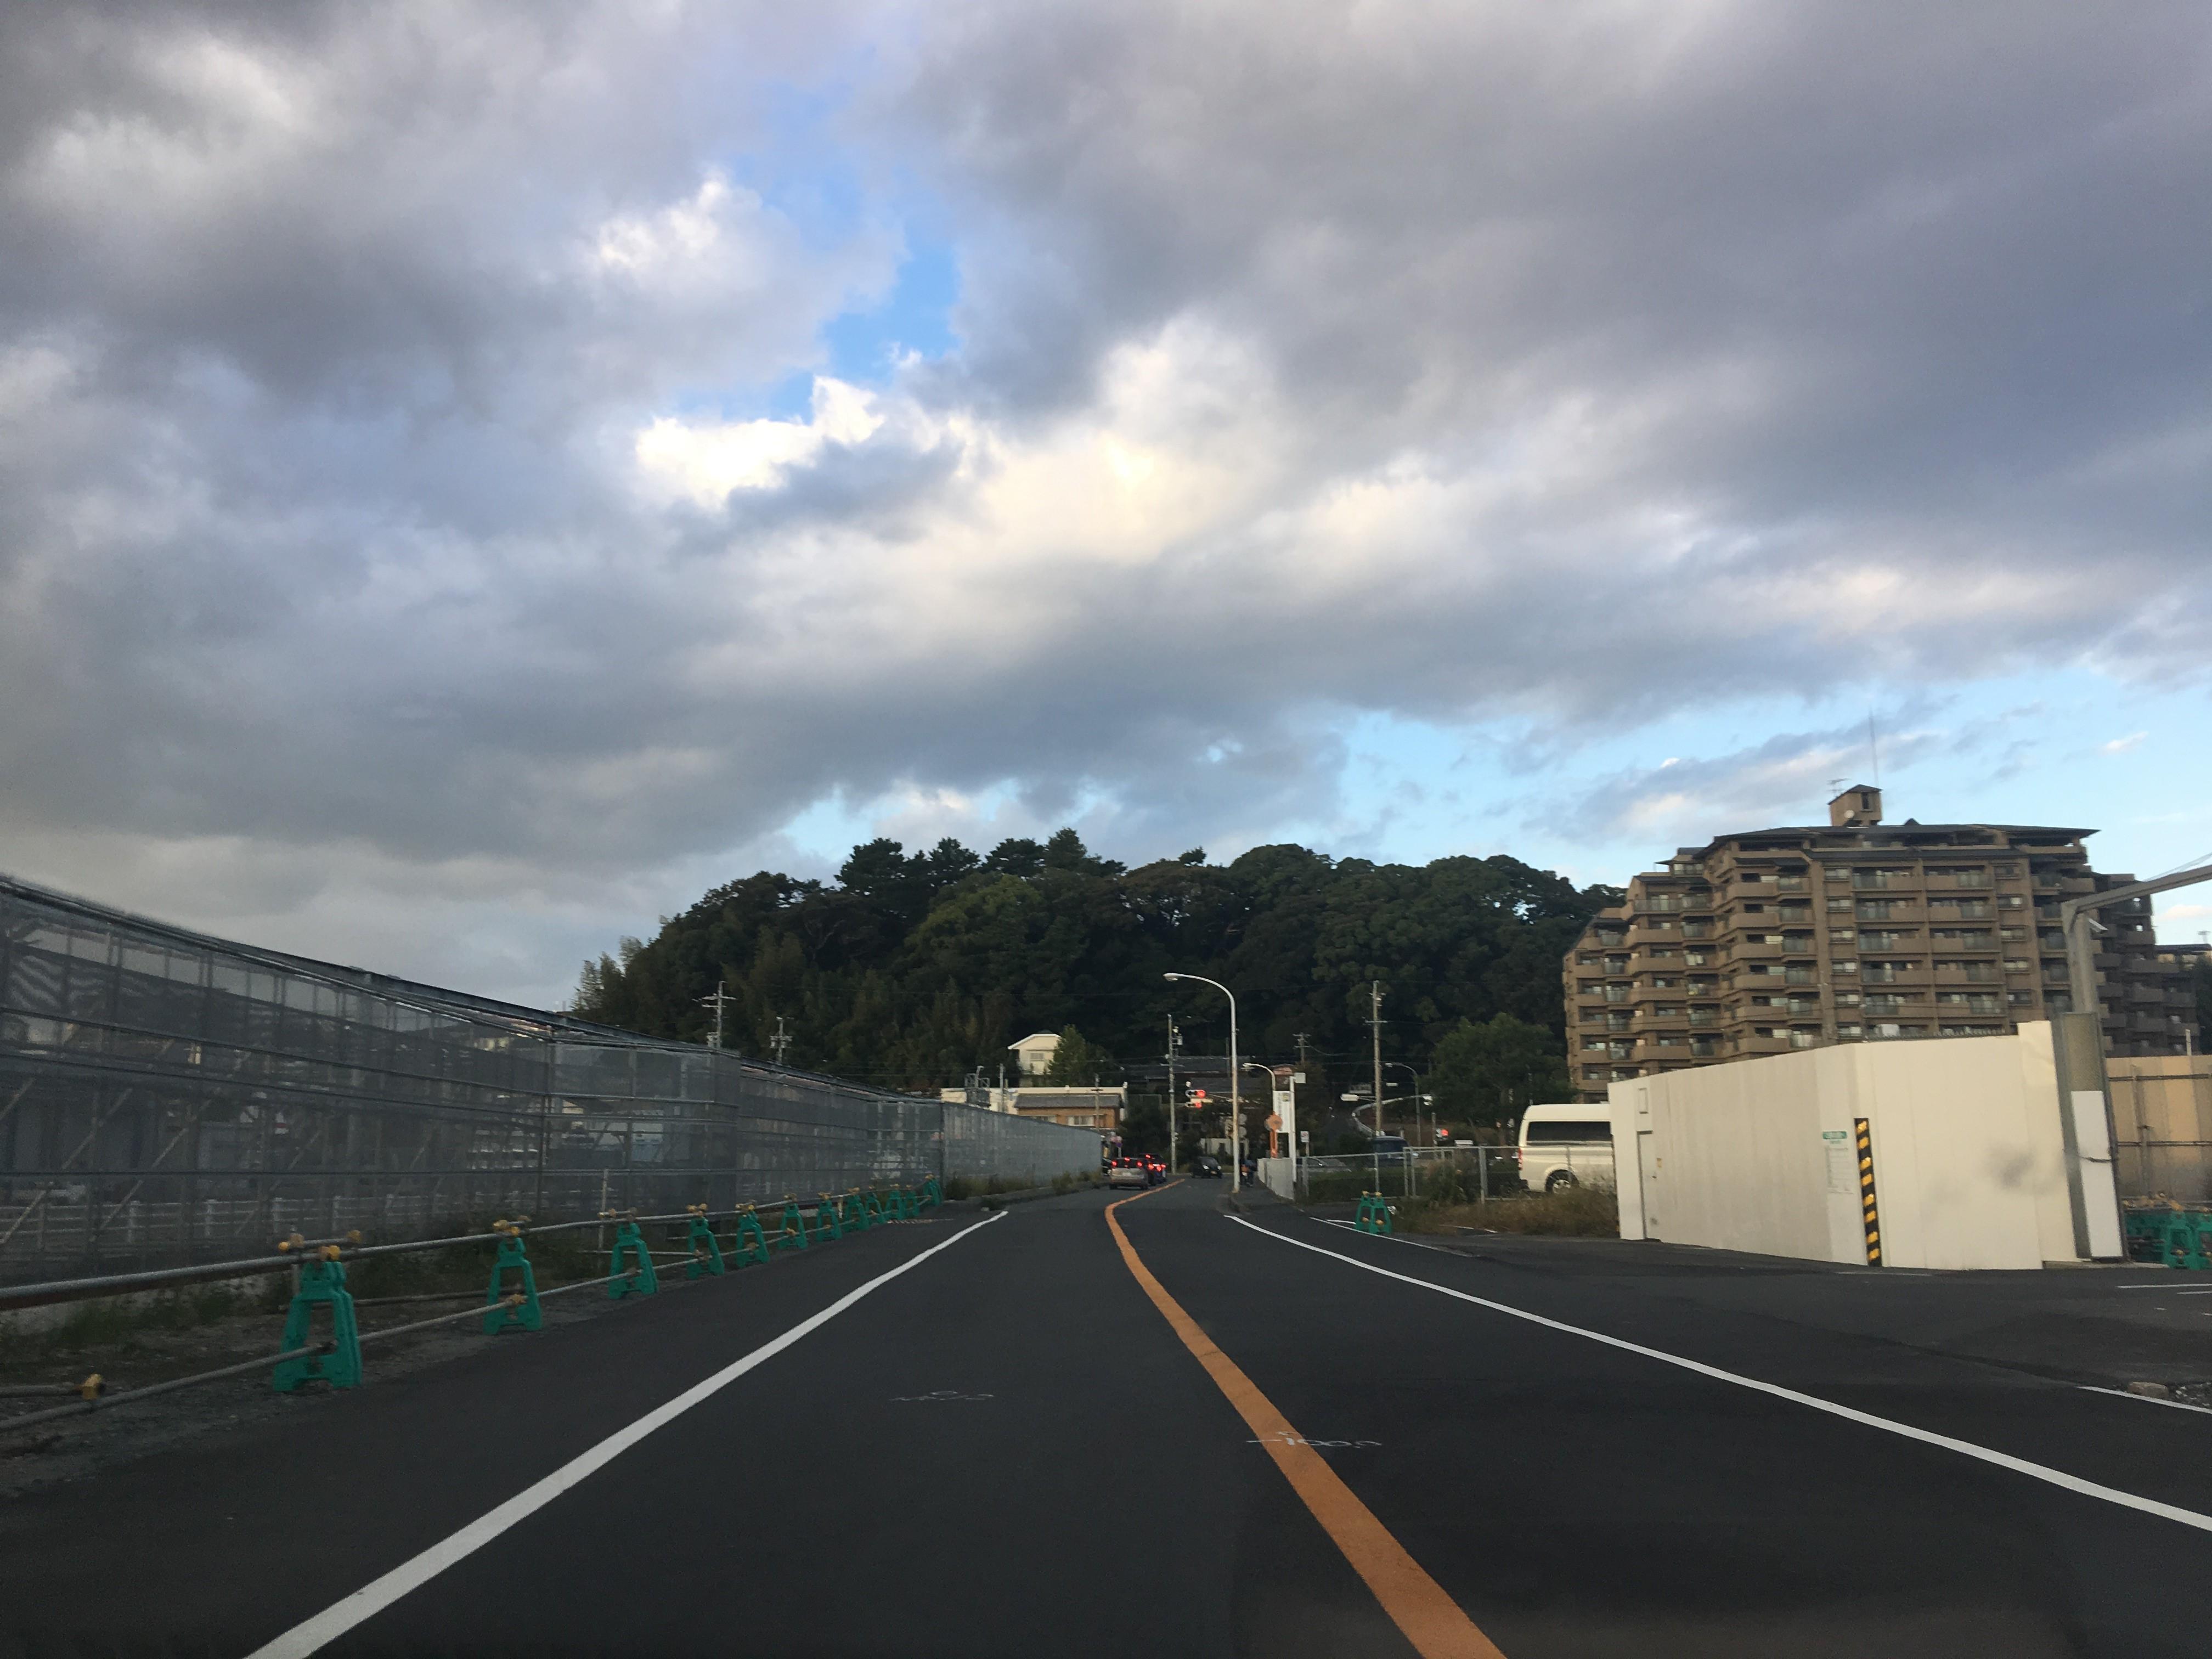 2枚目は県居神社の坐す小山を伊場遺跡方面から、つまり南から北へ向かって撮った写真です。